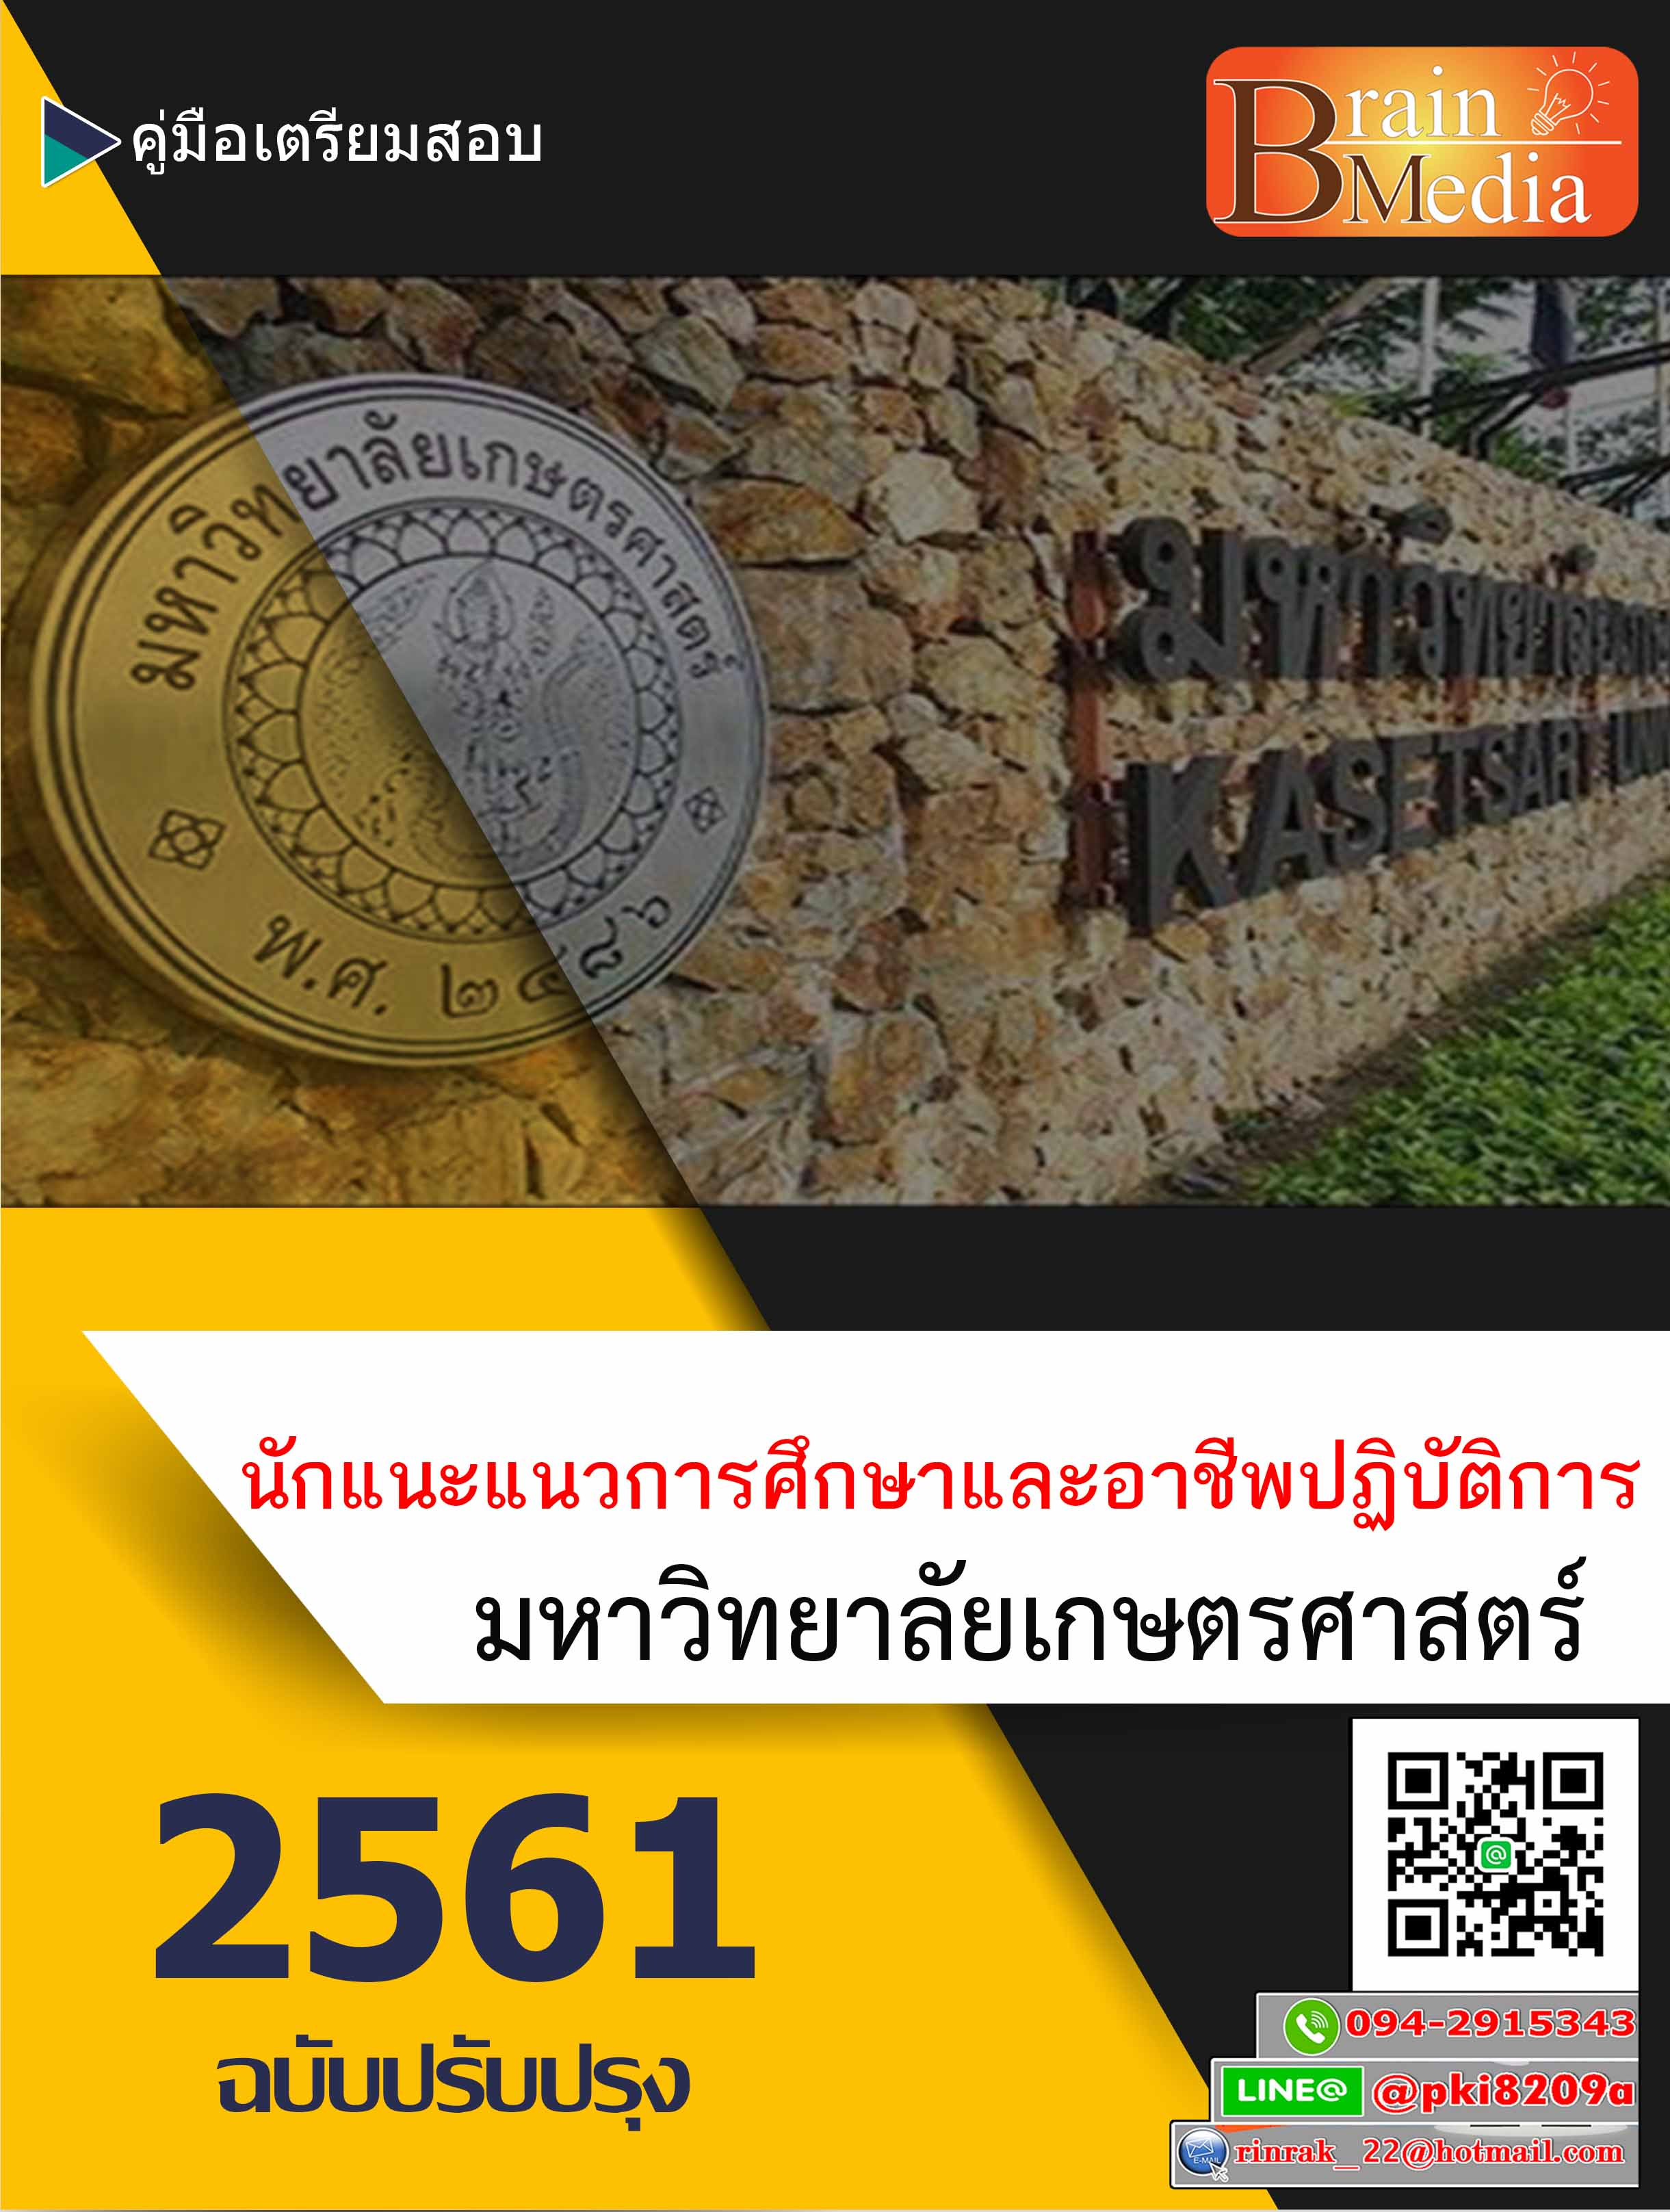 แนวข้อสอบ นักแนะแนวการศึกษาและอาชีพปฏิบัติการ มหาวิทยาลัยเกษตรศาสตร์